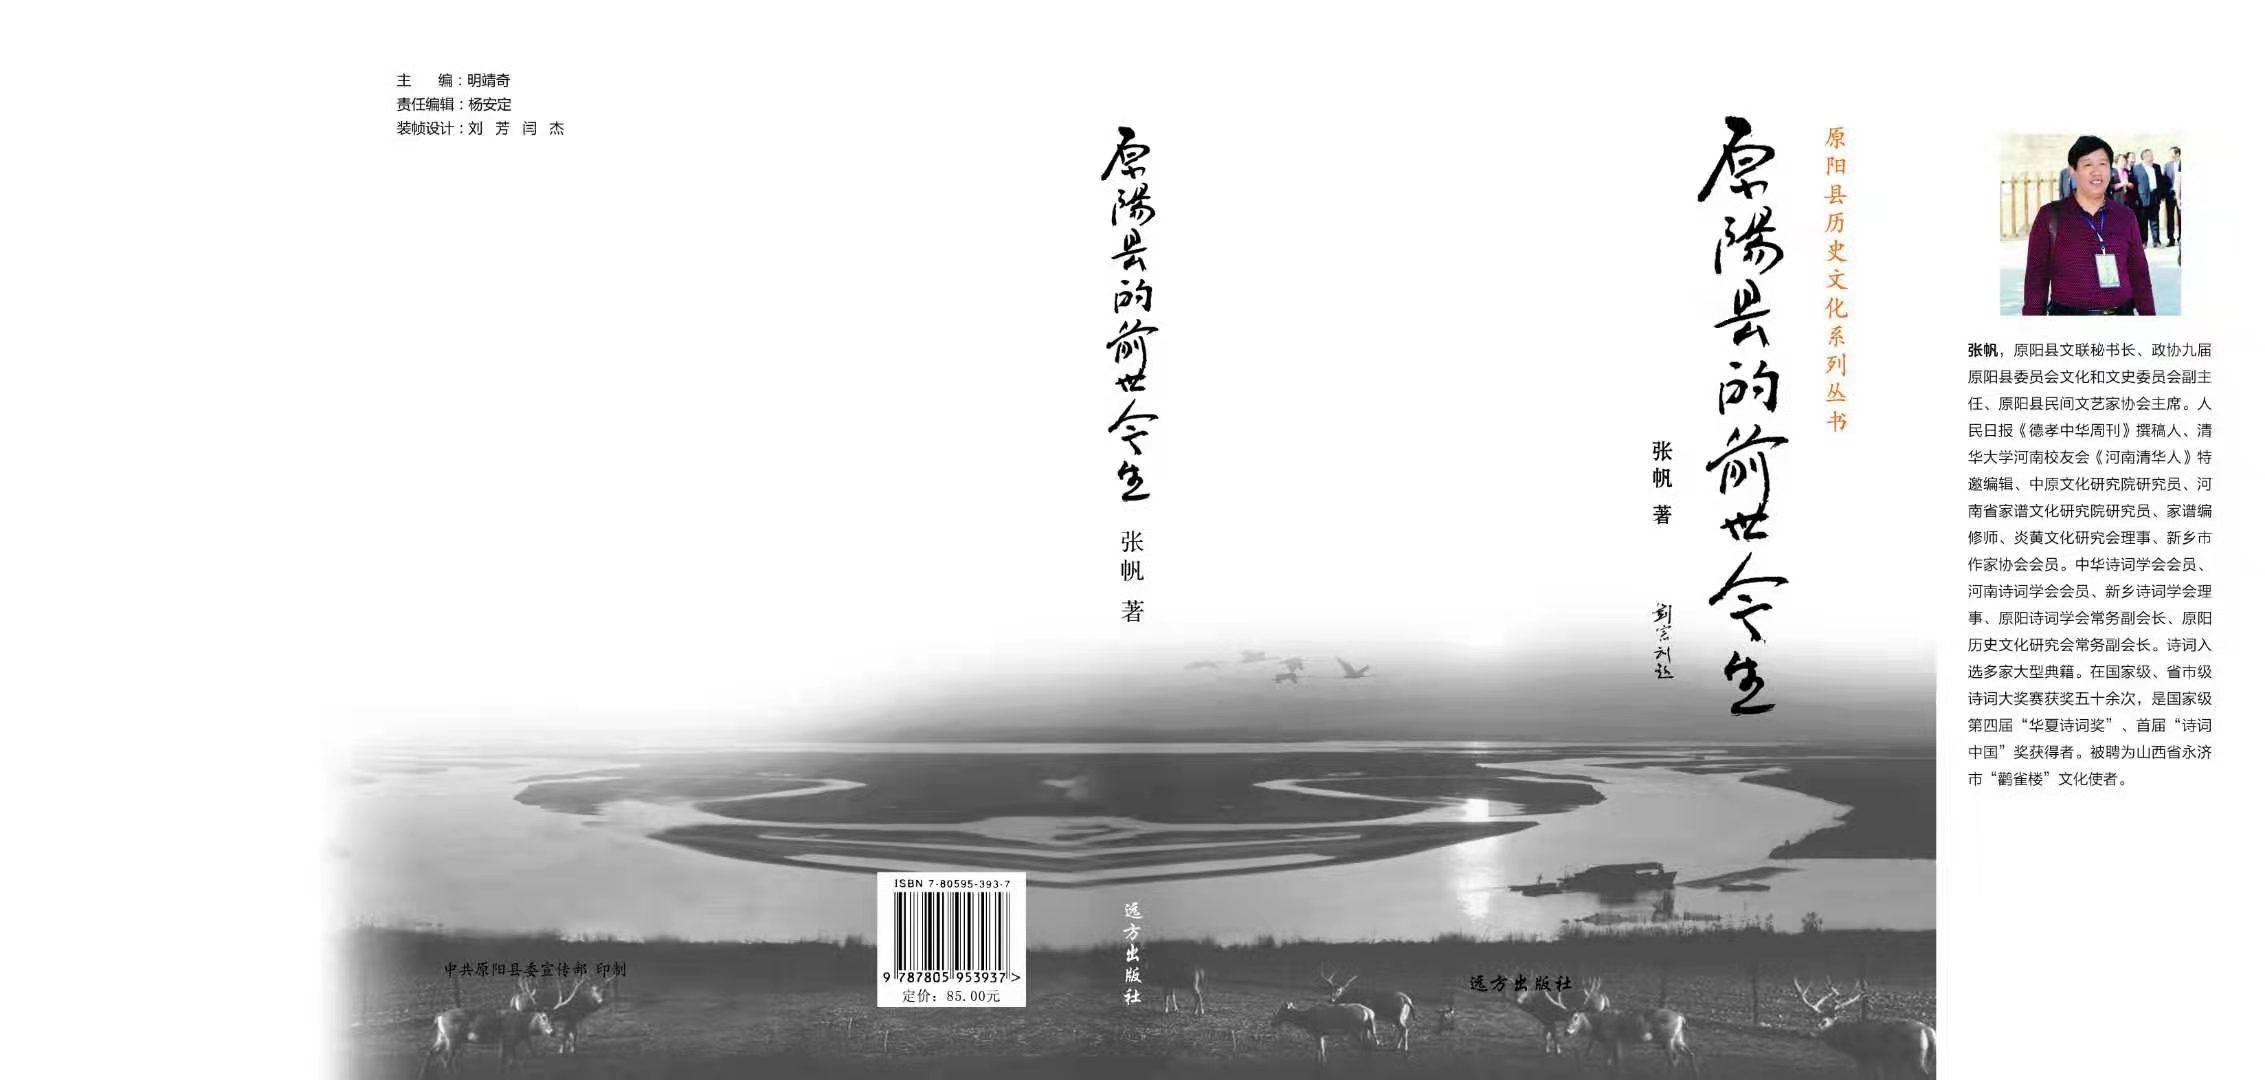 河南原阳:作家张帆先生《原阳县的前世今生》编著成书